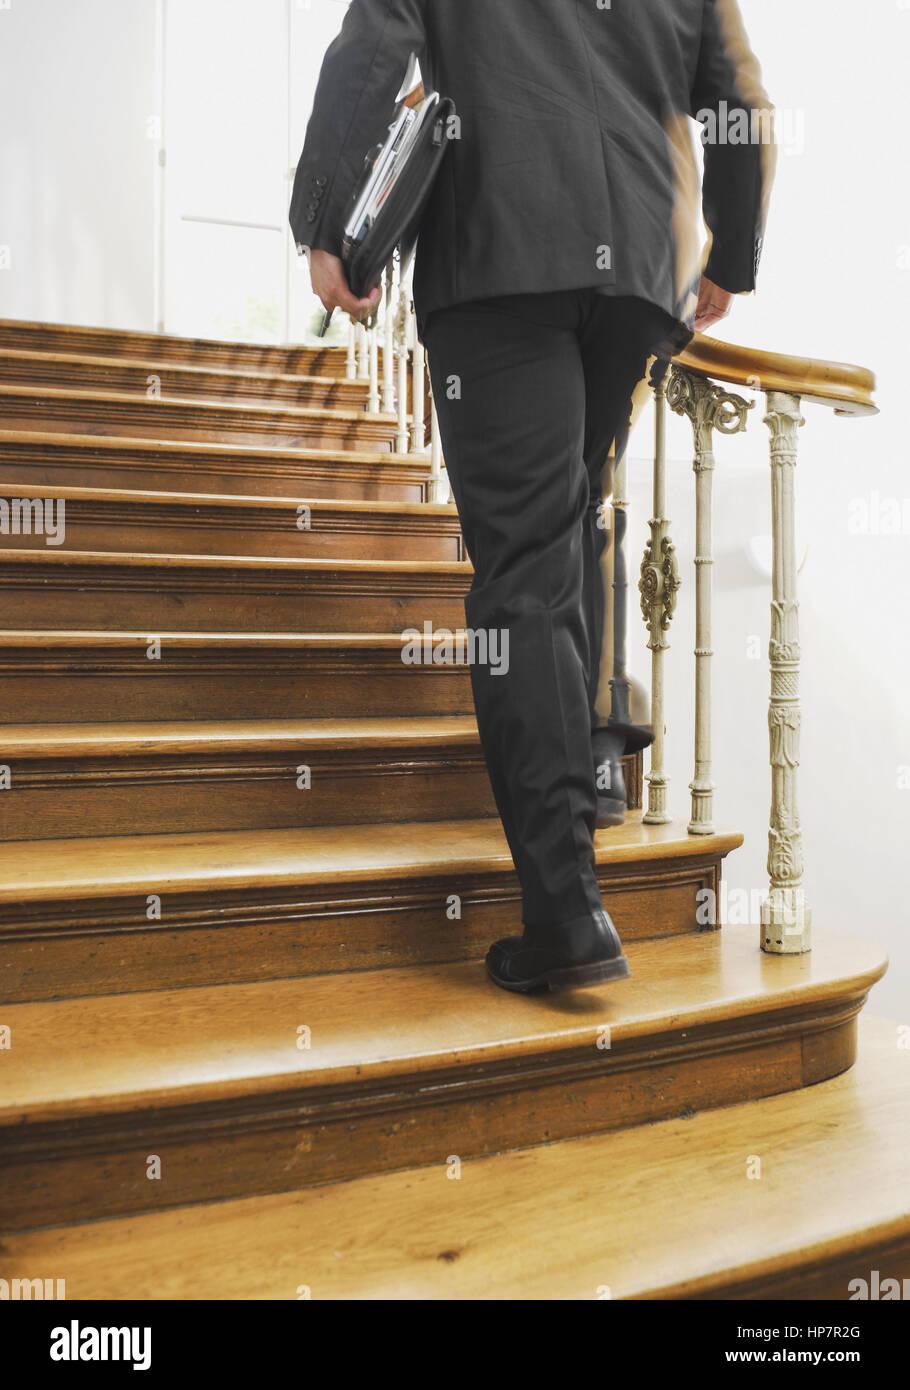 Mann mit Aktentasche geht Holztreppe hinauf (model-released) Stock Photo